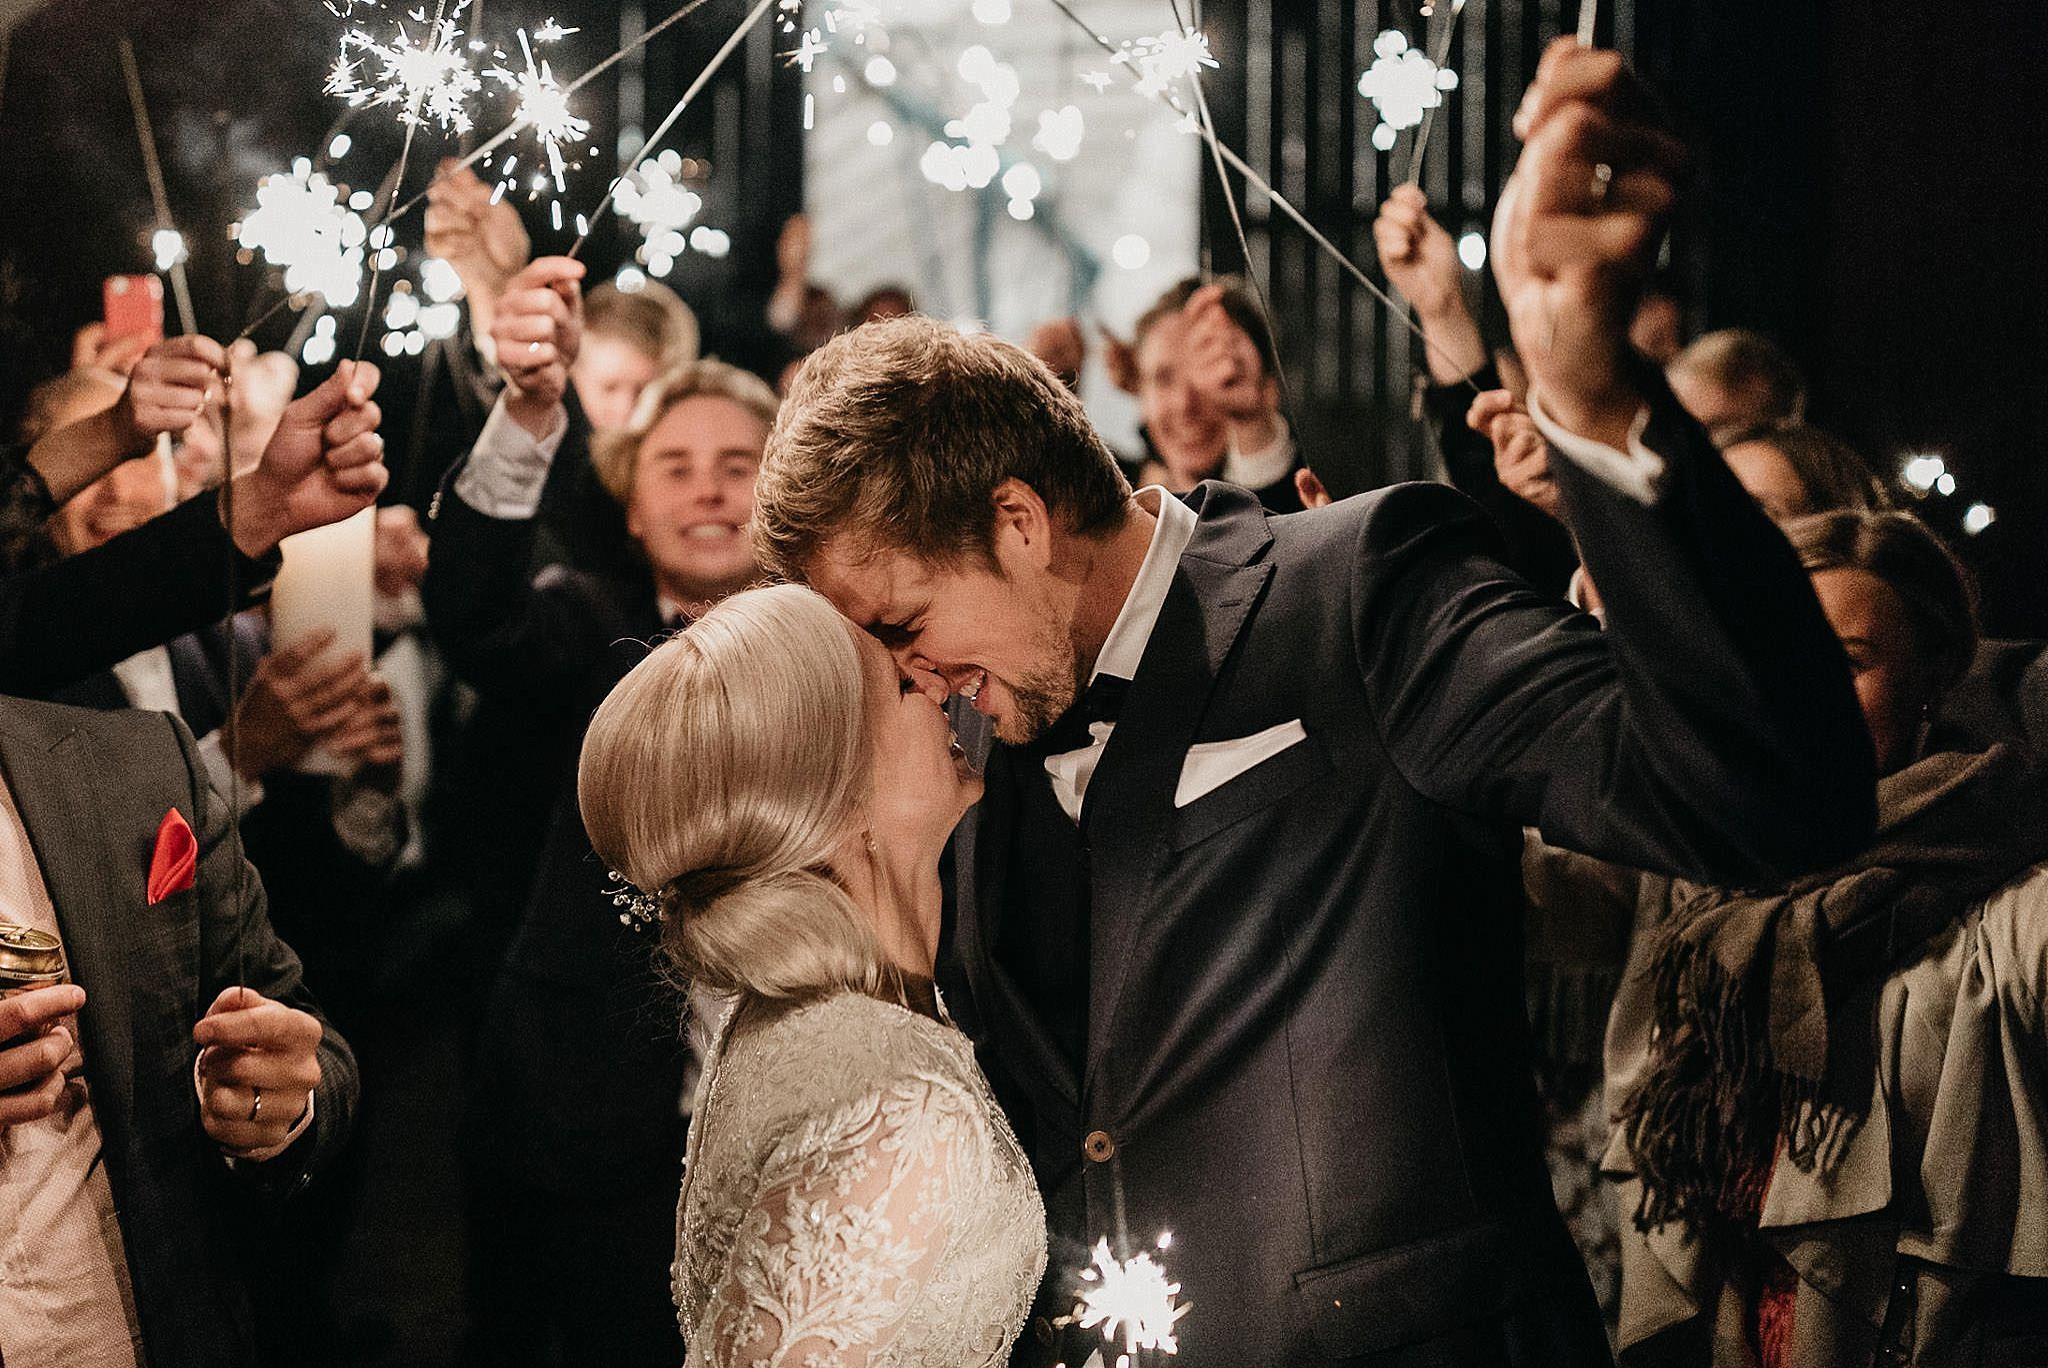 Haakuvaus_wedding_jyvaskyla_muurame_tuomiston_tila_0124.jpg